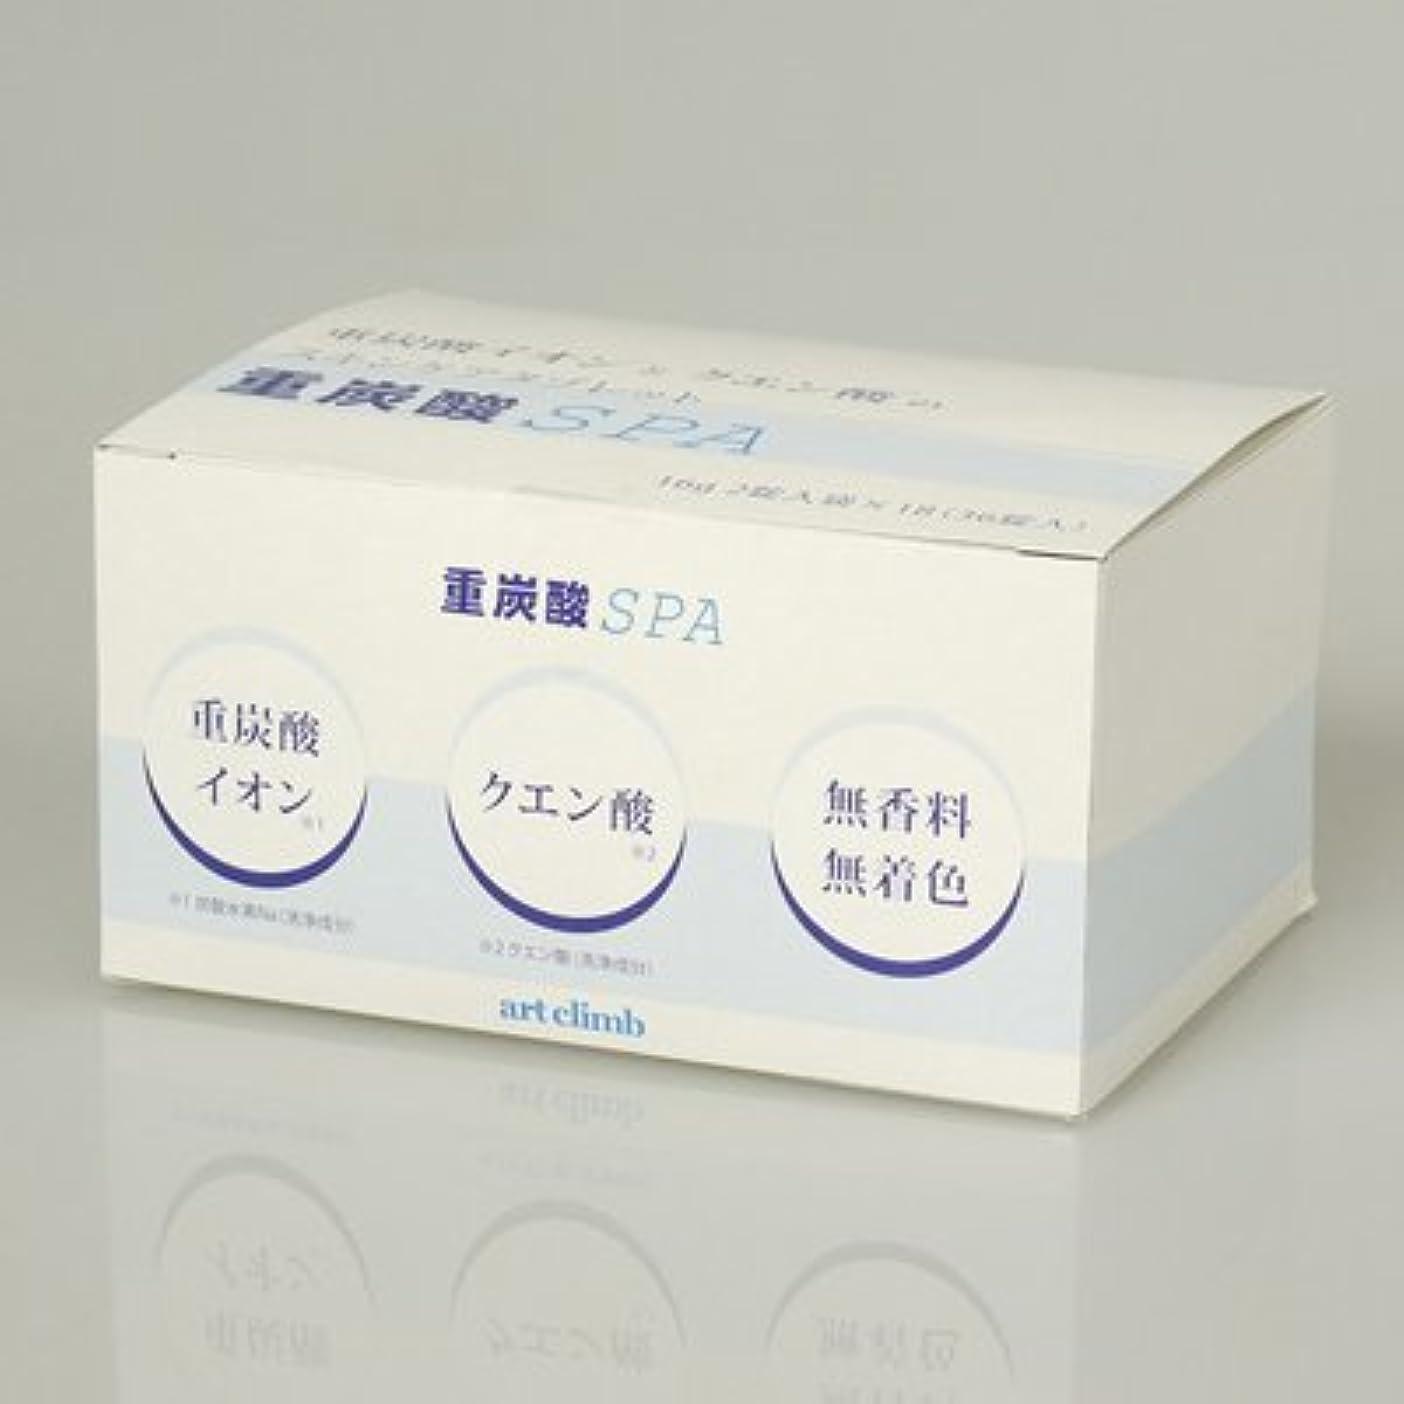 残忍なバケット部屋を掃除する重炭酸SPA16g 36錠【2個セット】